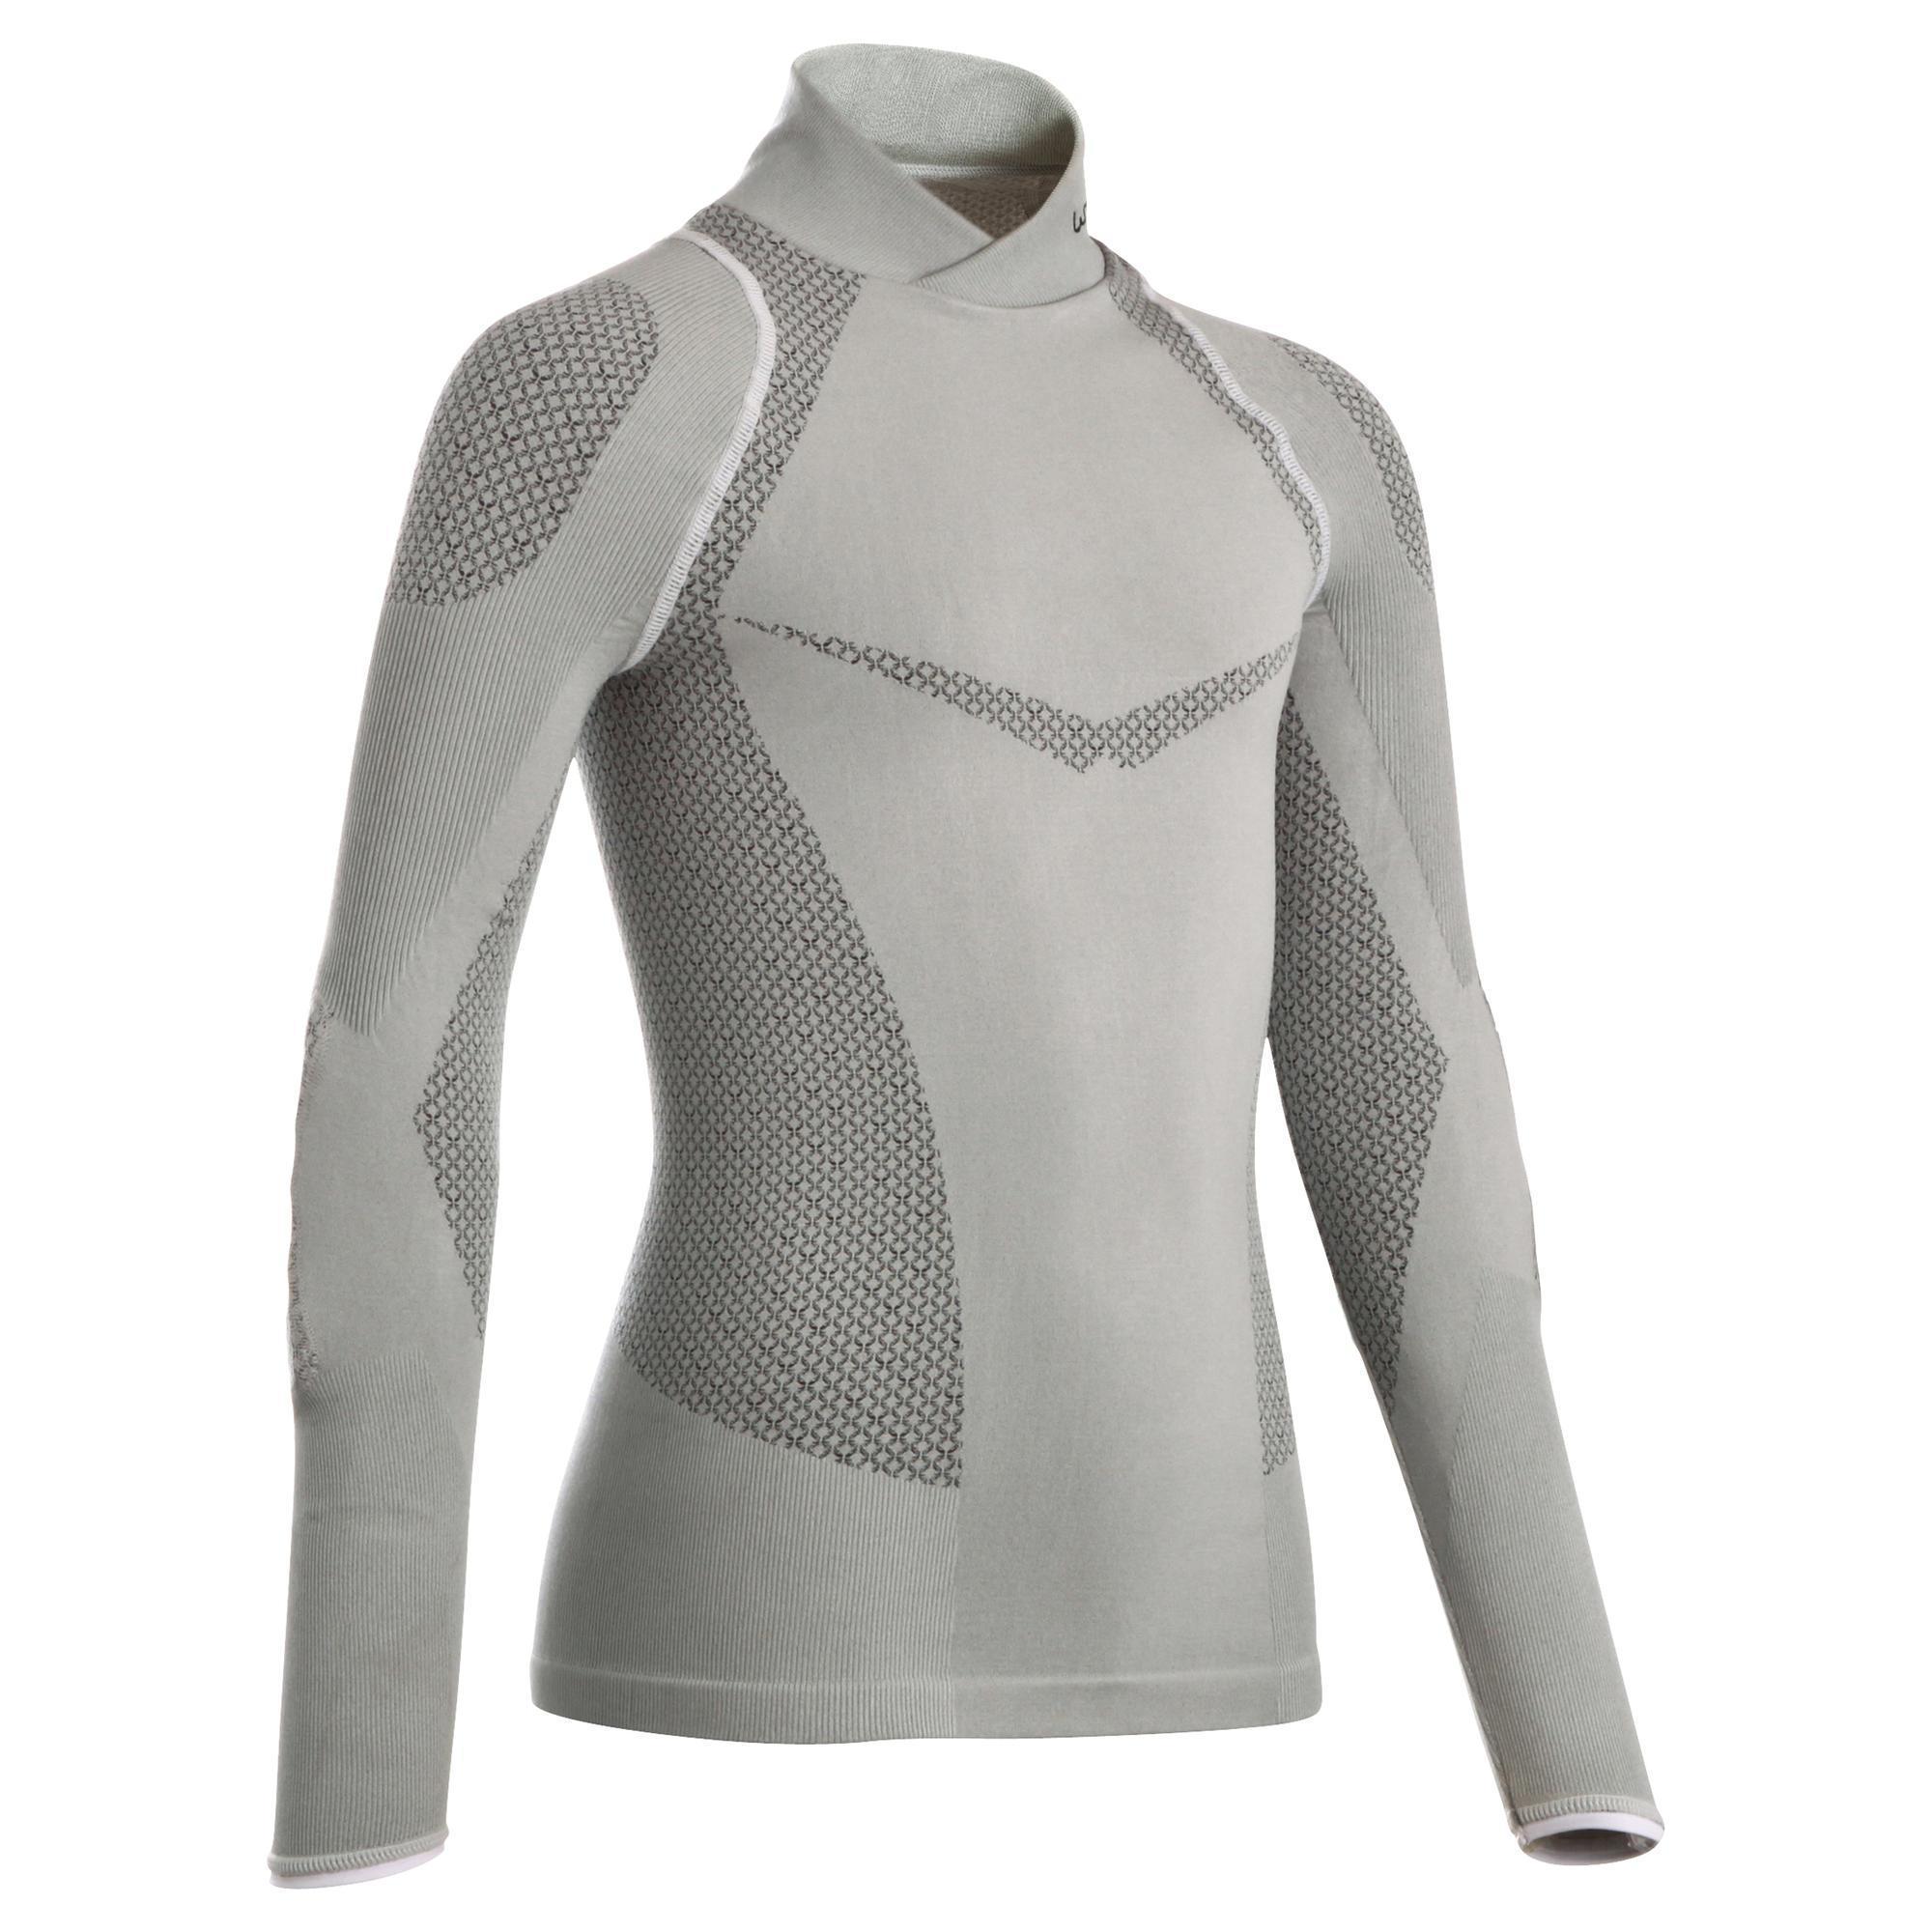 Comprar Camiseta Térmica de Esquí Niños online  d18da5f08c12